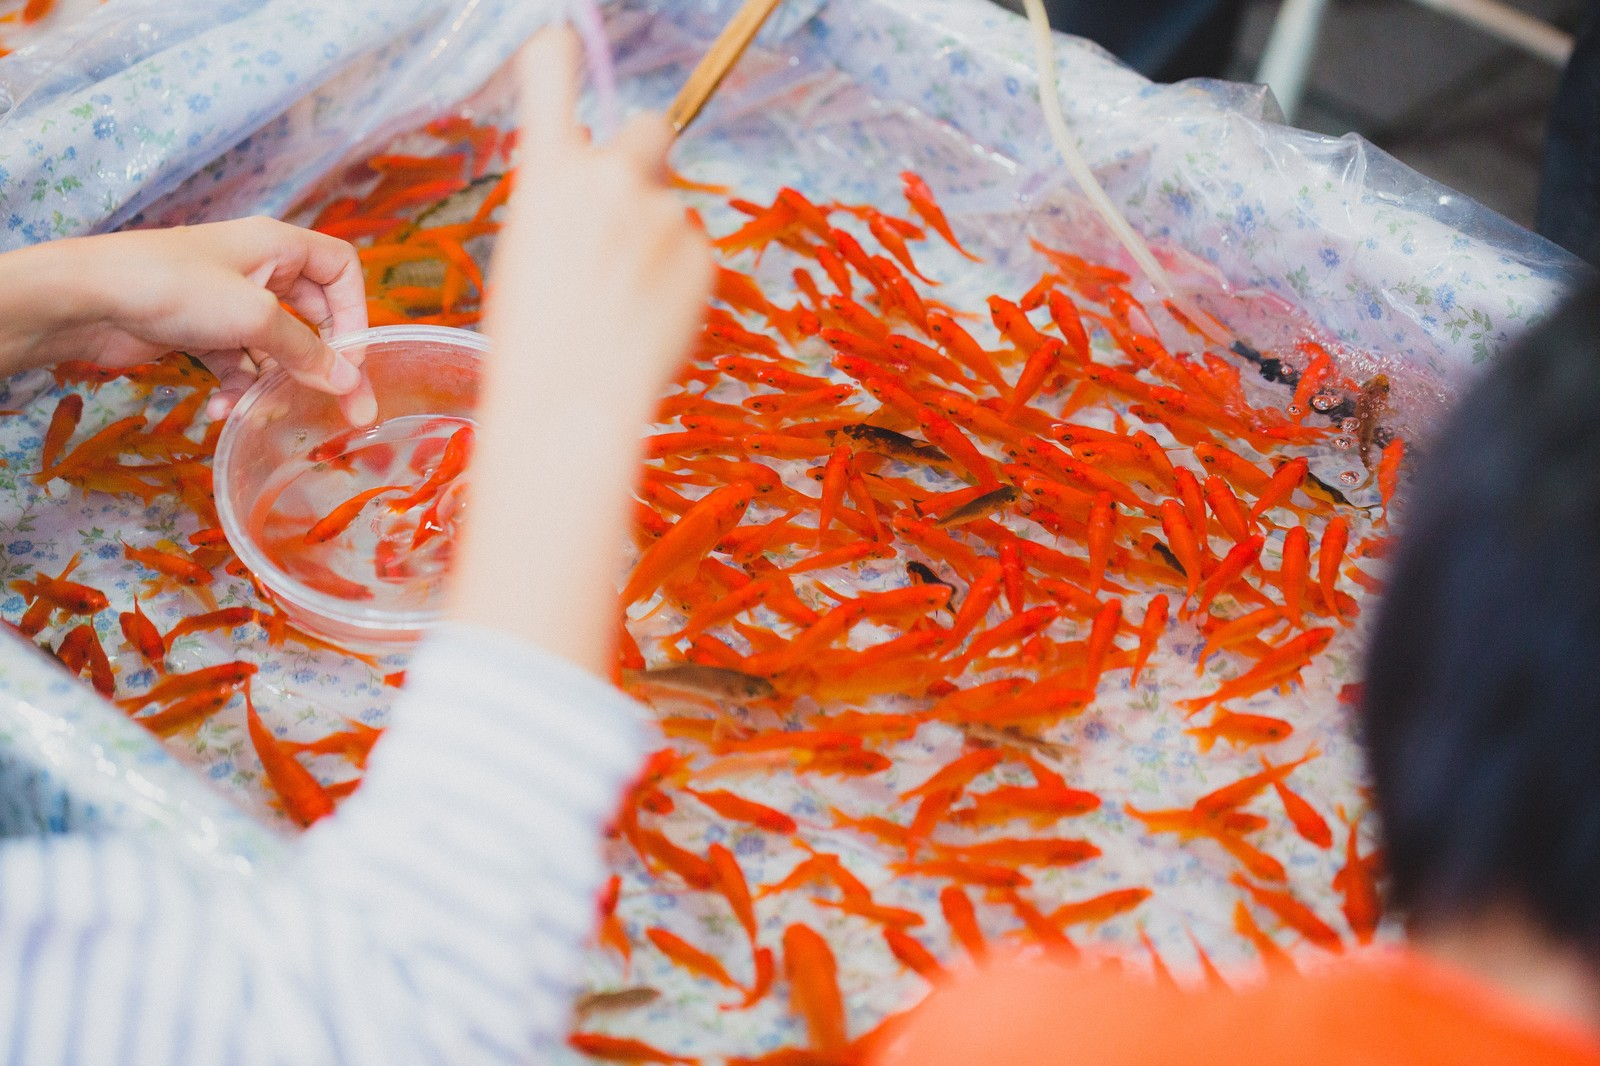 「夏祭りの金魚すくい」の写真